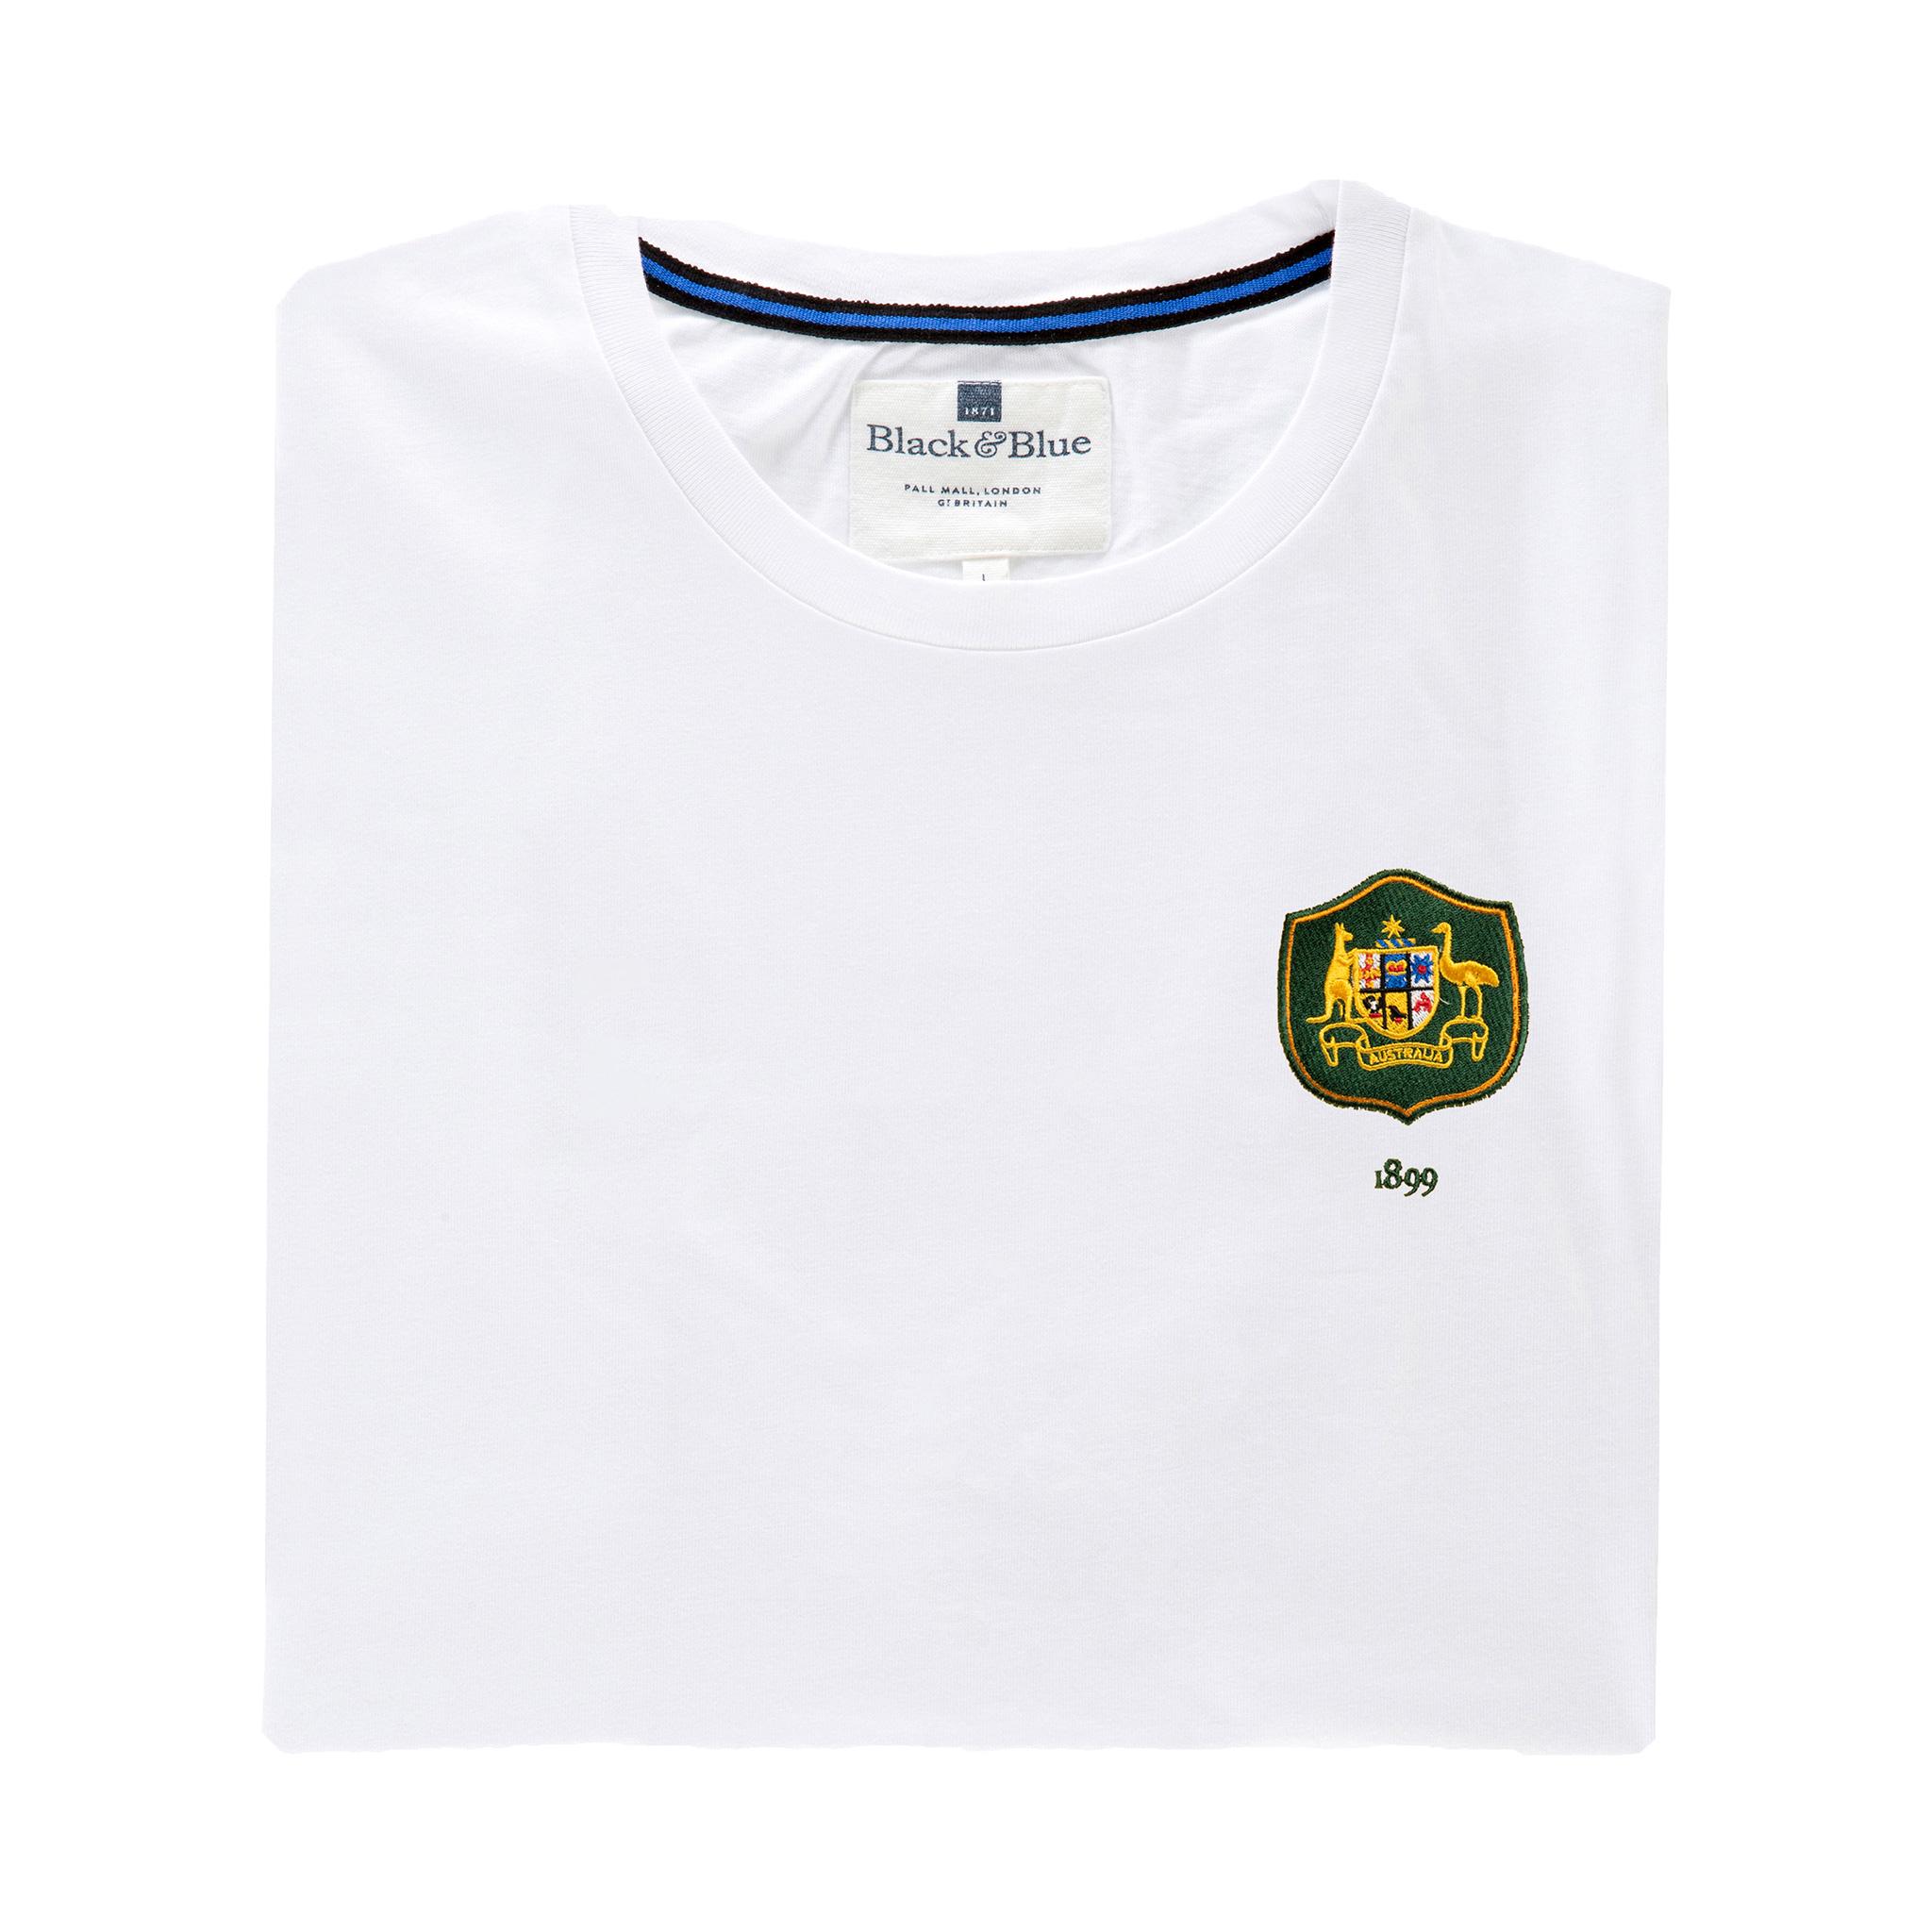 Australia 1899 White T-Shirt_Folded